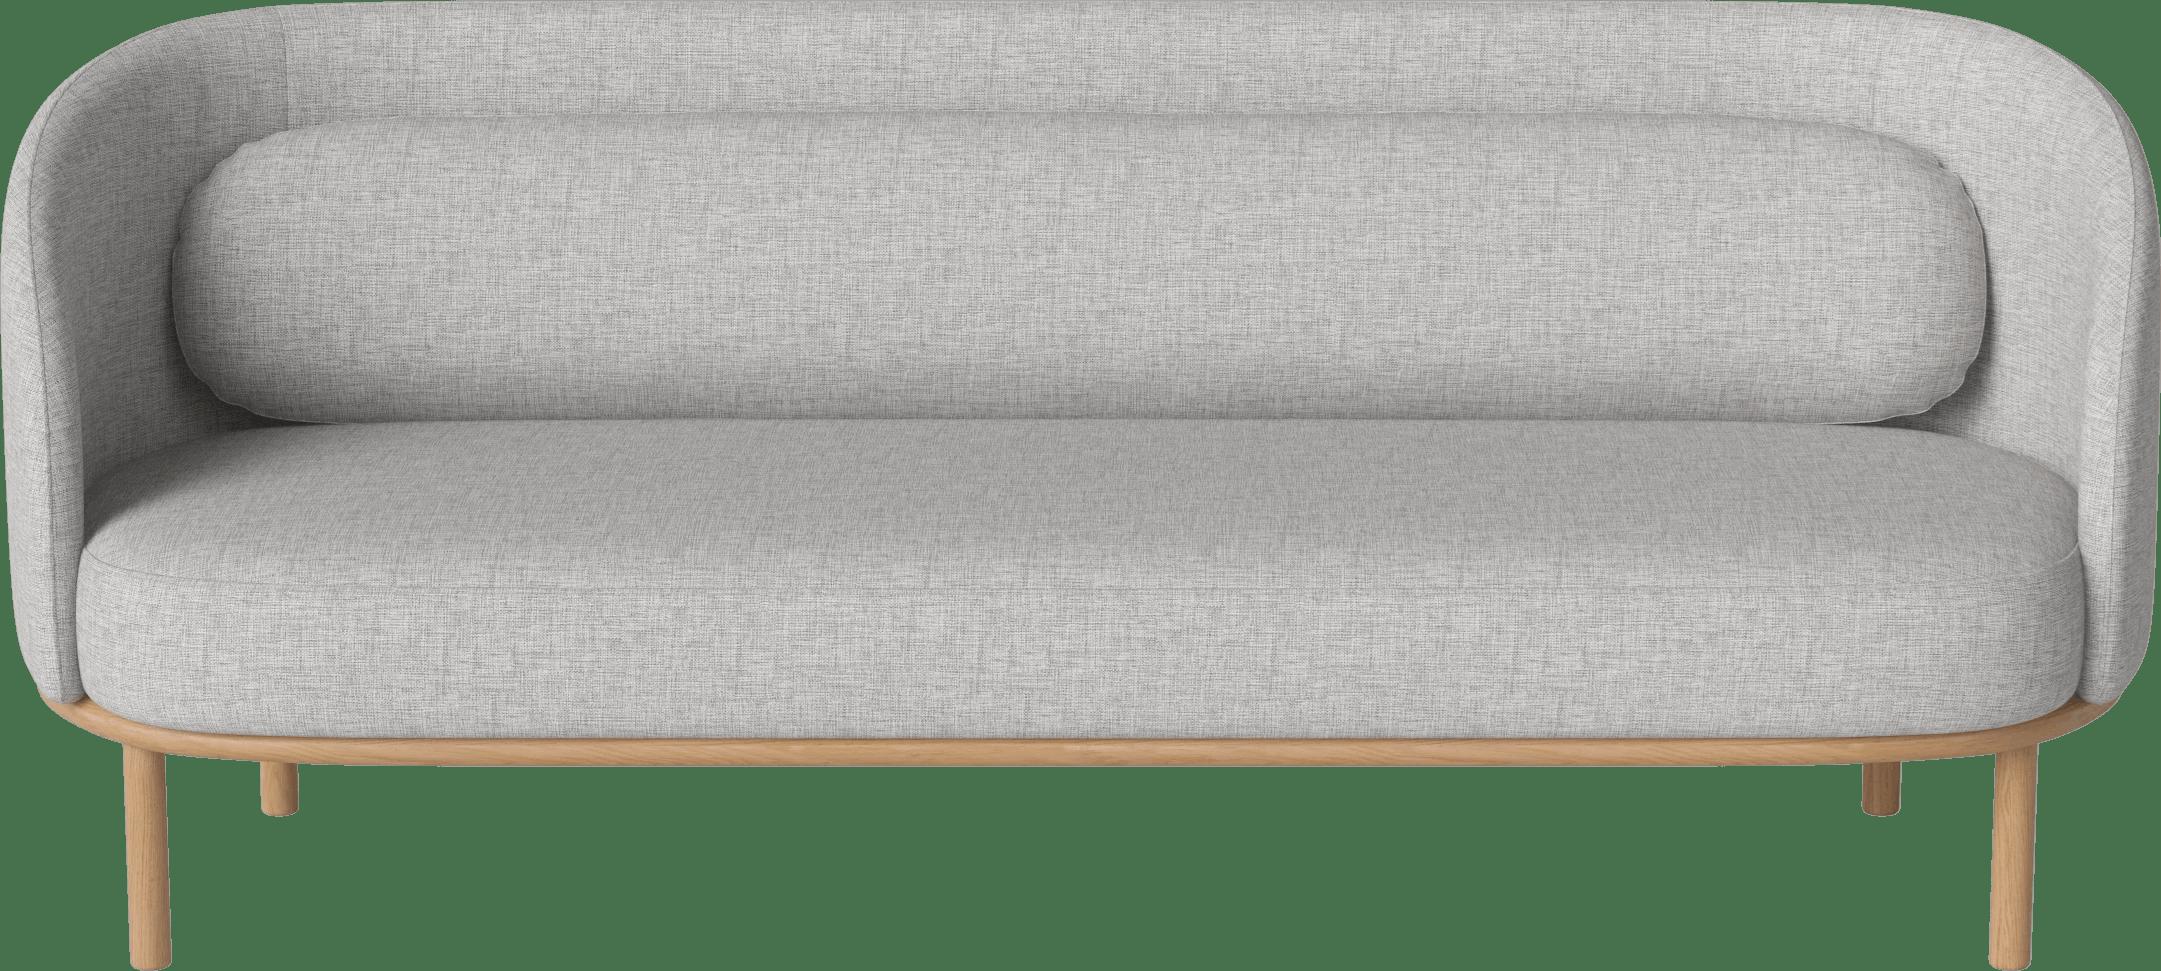 bolia 3 seater grey fuuga sofa haute living